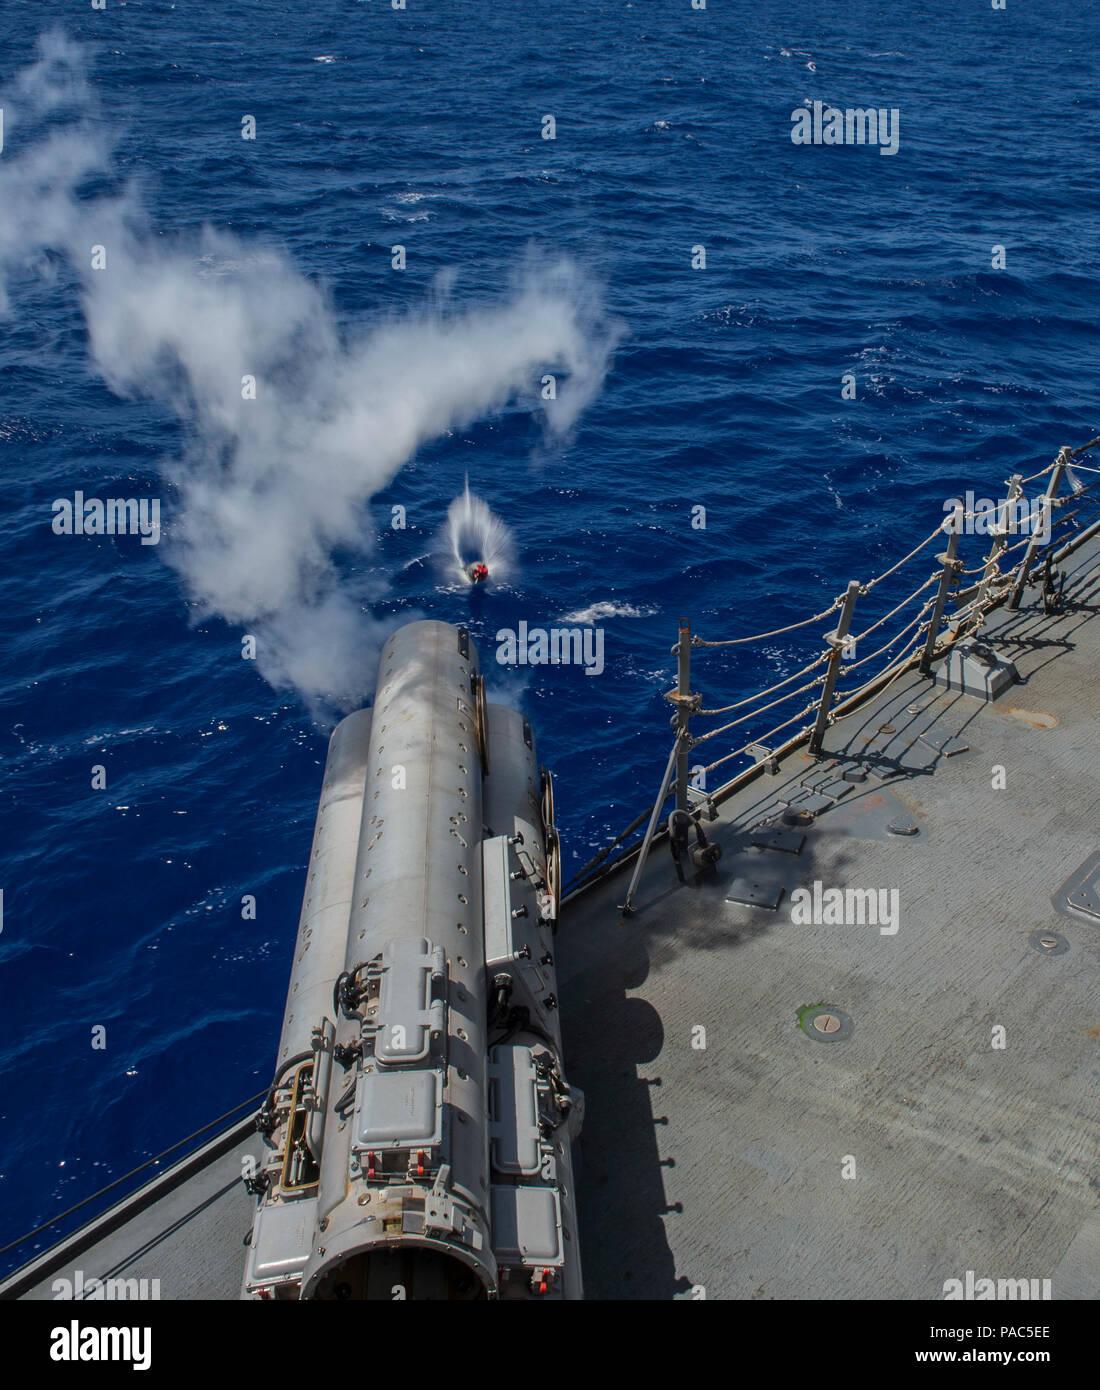 160307-N-DJ750-099 aguas cerca de Guam (7 de marzo de 2016) Los misiles guiados Burke-Class Arleigh destructor USS McCampbell (DDG-85) Dispara un torpedo MK-54 ejercicio (EXTORP) sobre el lado del puerto durante un evento de guerra anti-submarina como parte de MULTI SAIL 2016. MULTI VELA es un ejercicio de capacitación bilaterales dirigidas a la interoperabilidad entre las fuerzas estadounidenses y japoneses. Este ejercicio aumenta la interoperabilidad y ventajas de realistas, la capacitación conjunta, mejorando nuestra capacidad de trabajar juntos para hacer frente a cualquier contingencia. McCampbell es en patrullas de la séptima Flota de operaciones en apoyo de la seguridad y la stabil Foto de stock